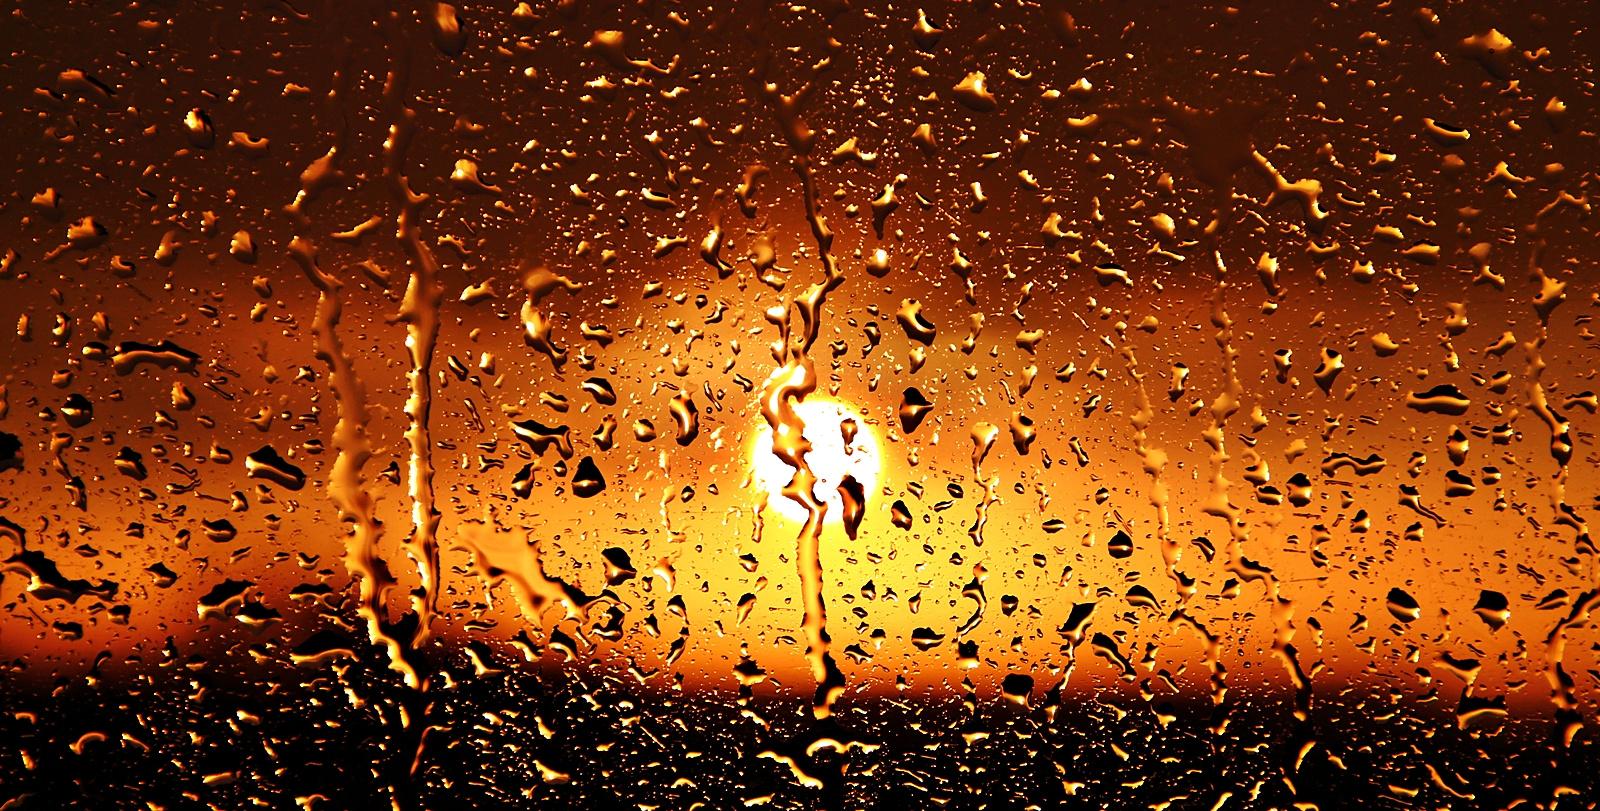 Regnerrischer Sonnenschein!